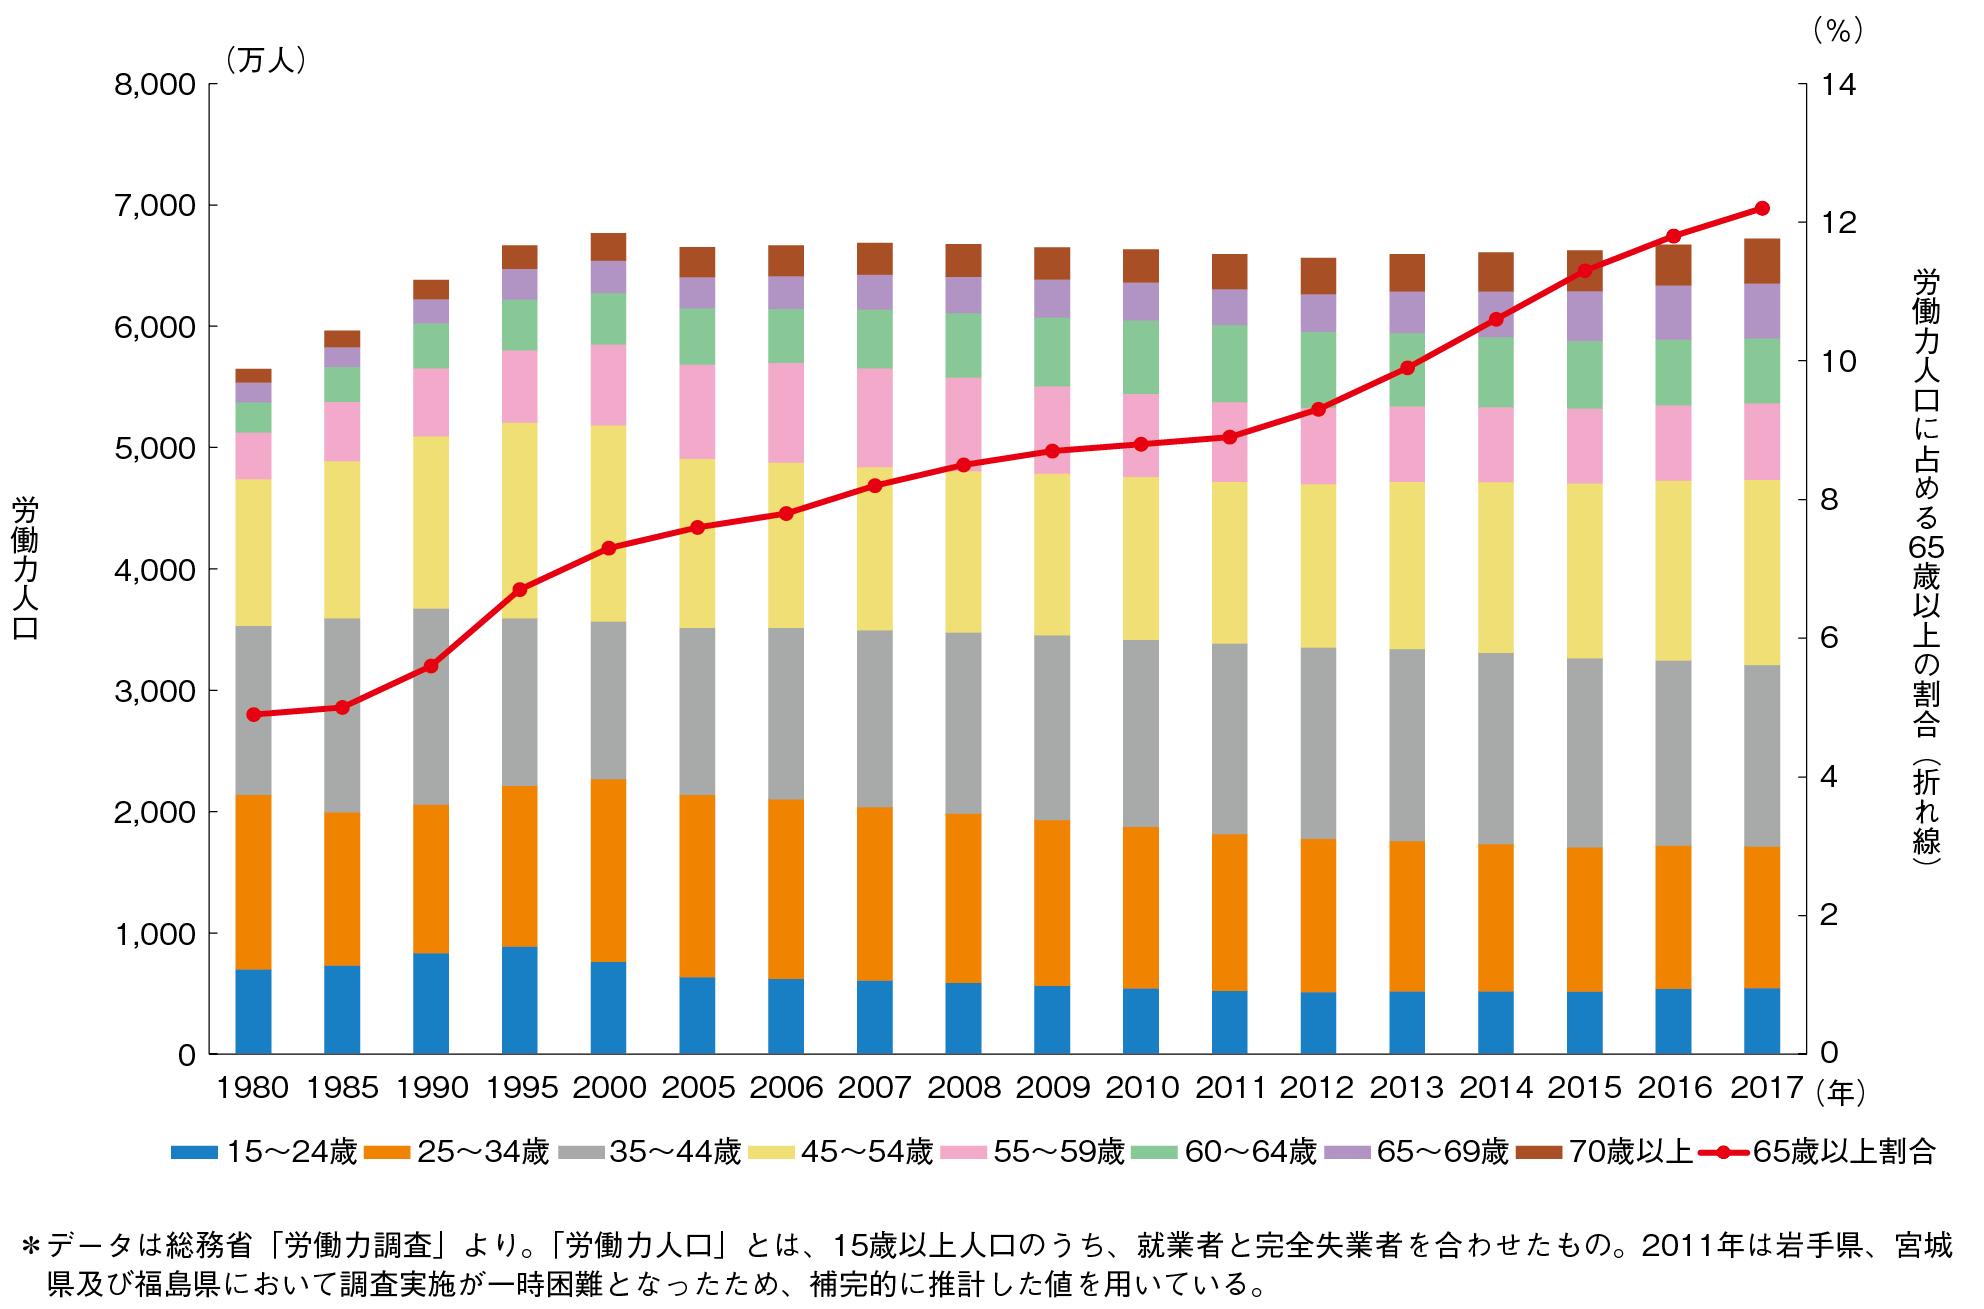 図1-2-7 日本における年代別労働力人口の推移 (出所:「平成30年版高齢社会白書」を基に筆者が作成)